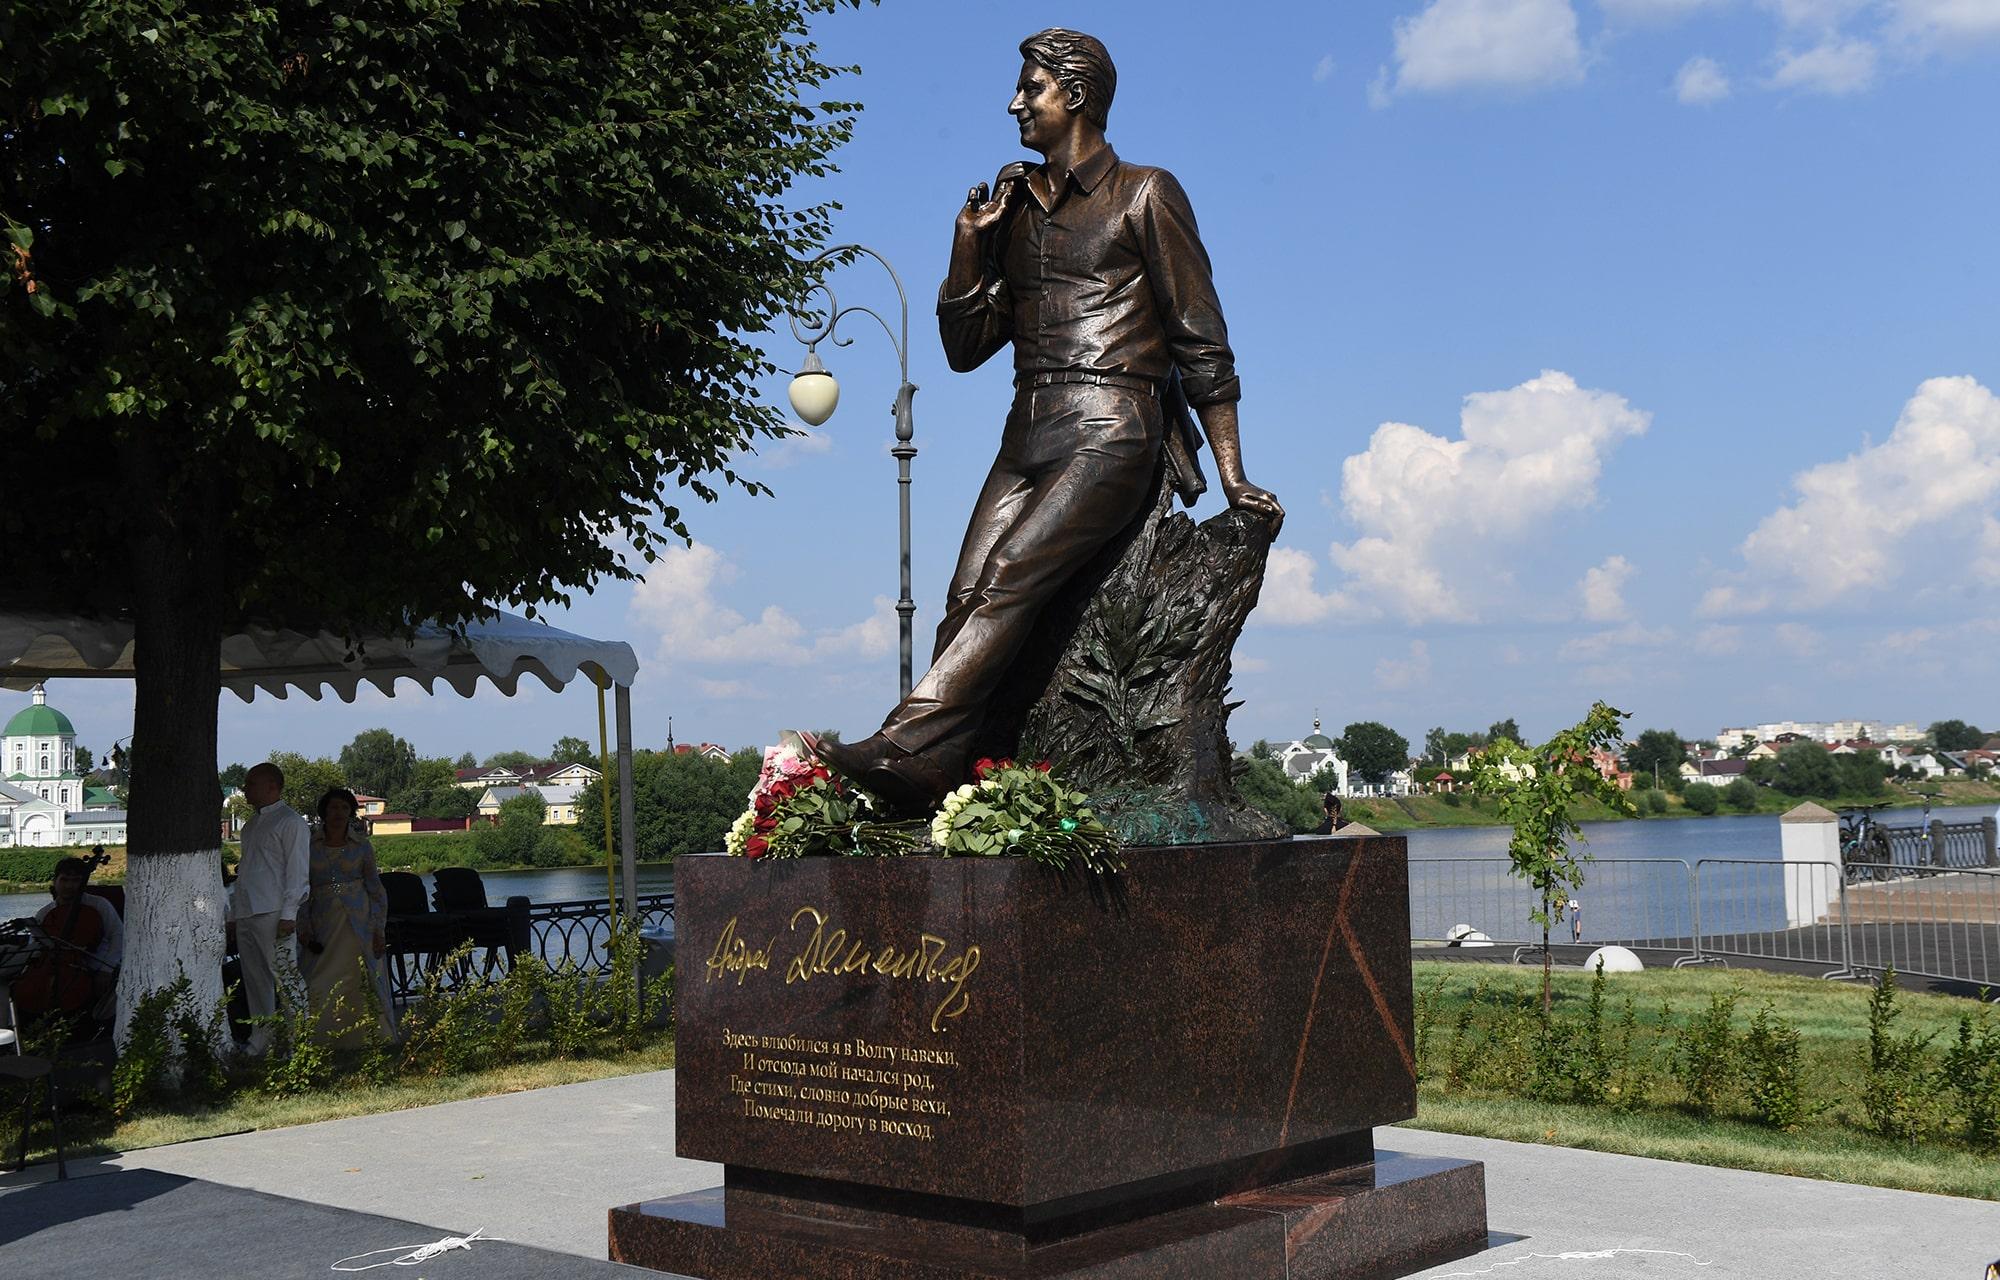 Президент России Владимир Путин направил приветствие участникам церемонии открытия памятника Андрею Дементьеву